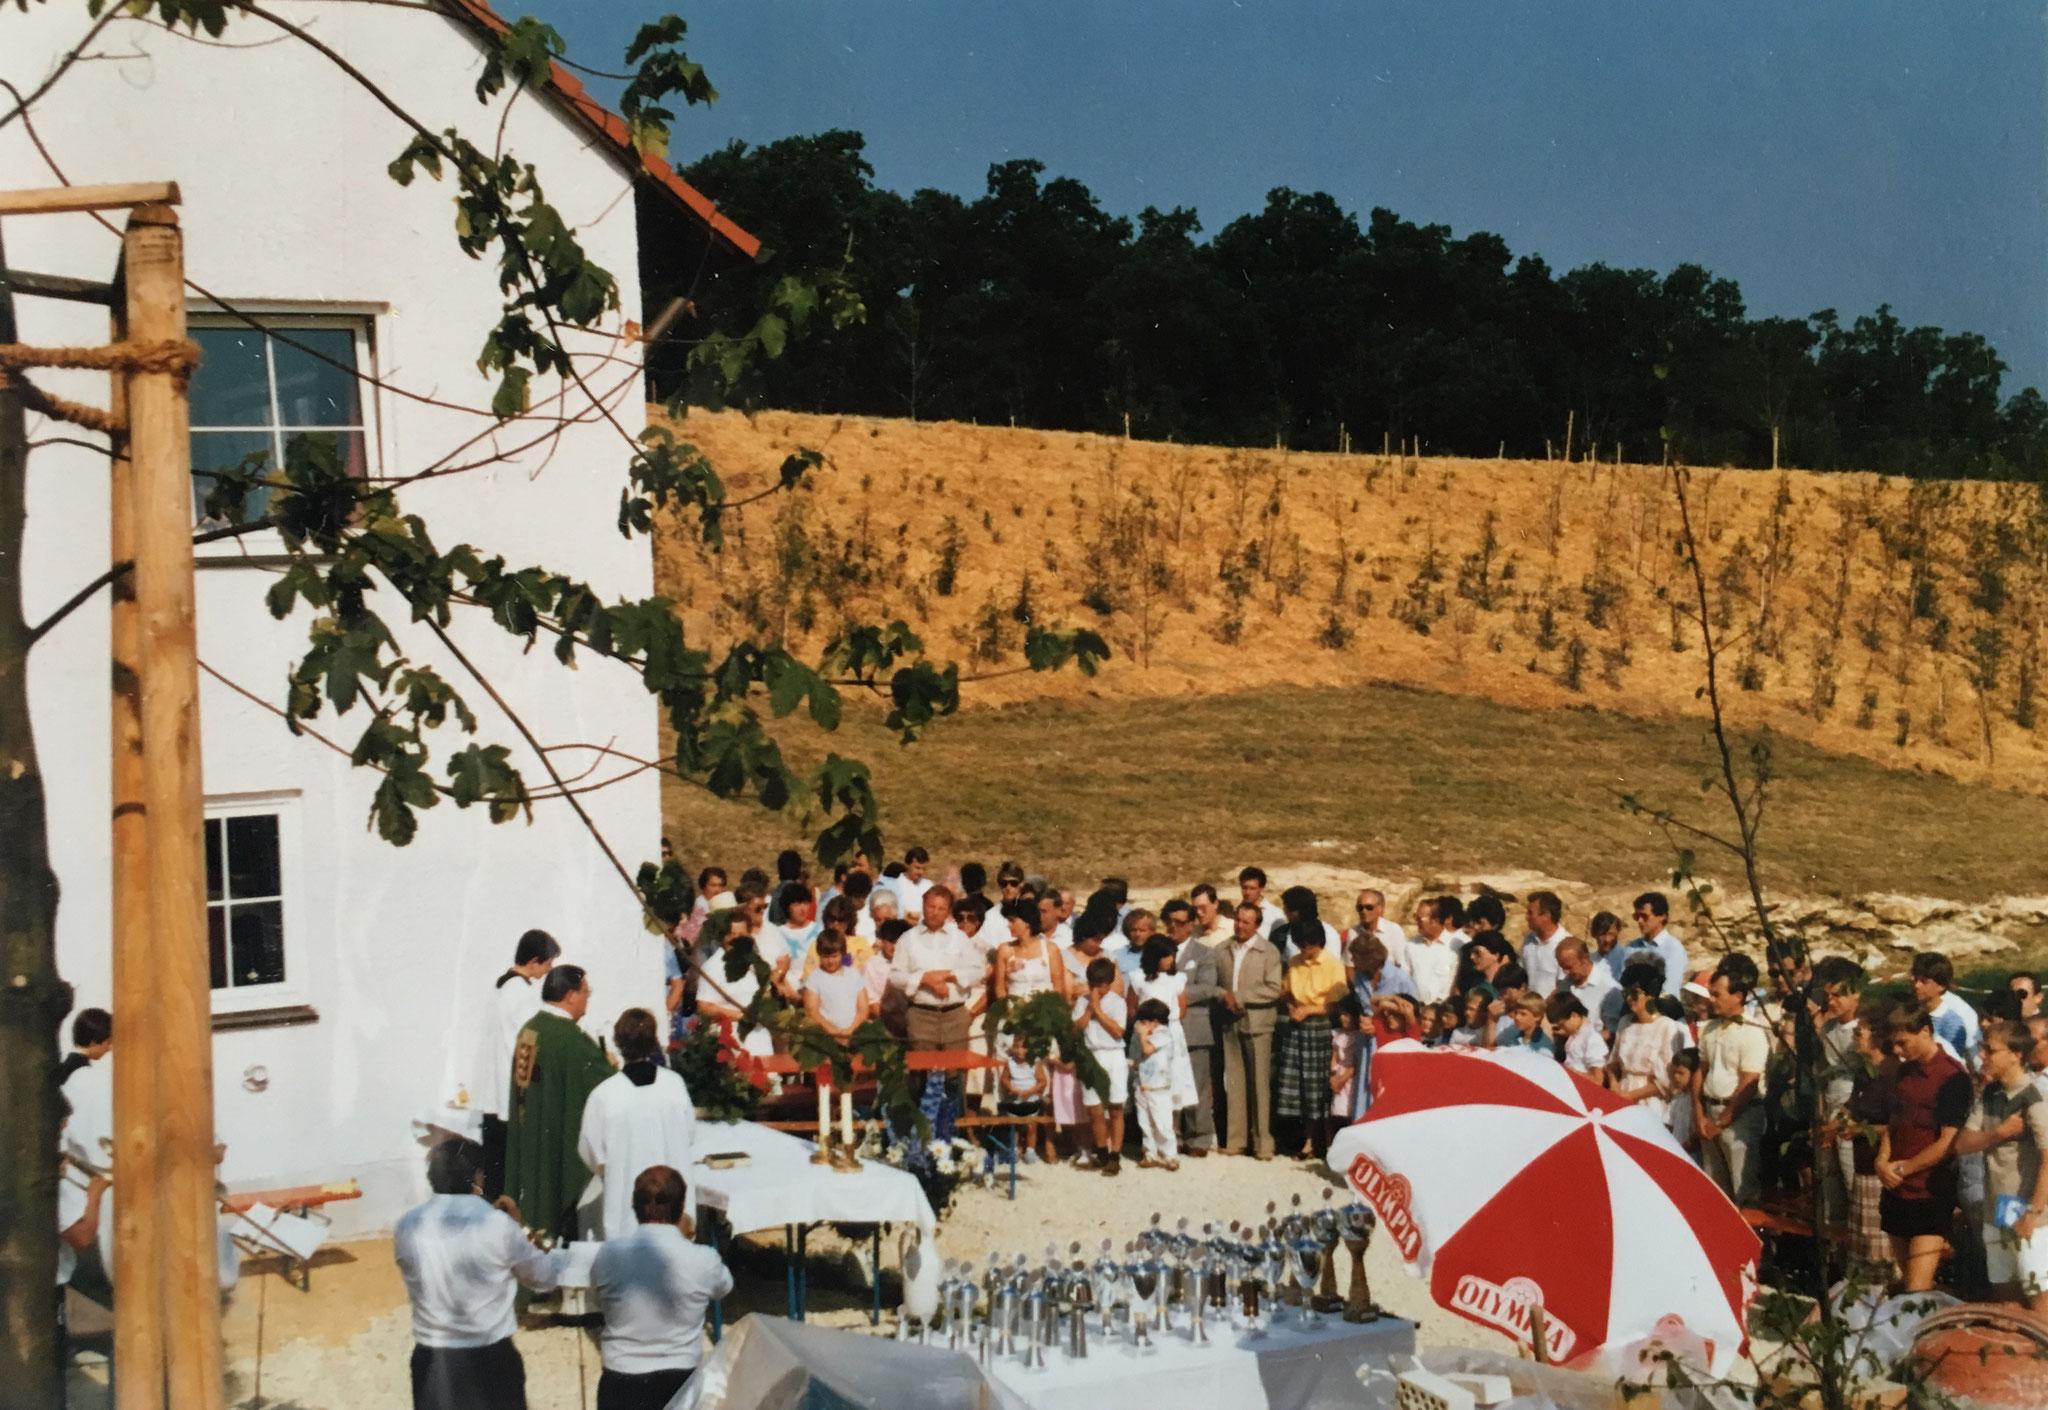 Das Sportgelände der SpVgg Ziegetsdorf wird im Jahre 1985 mit einem Gottesdienst eingeweiht